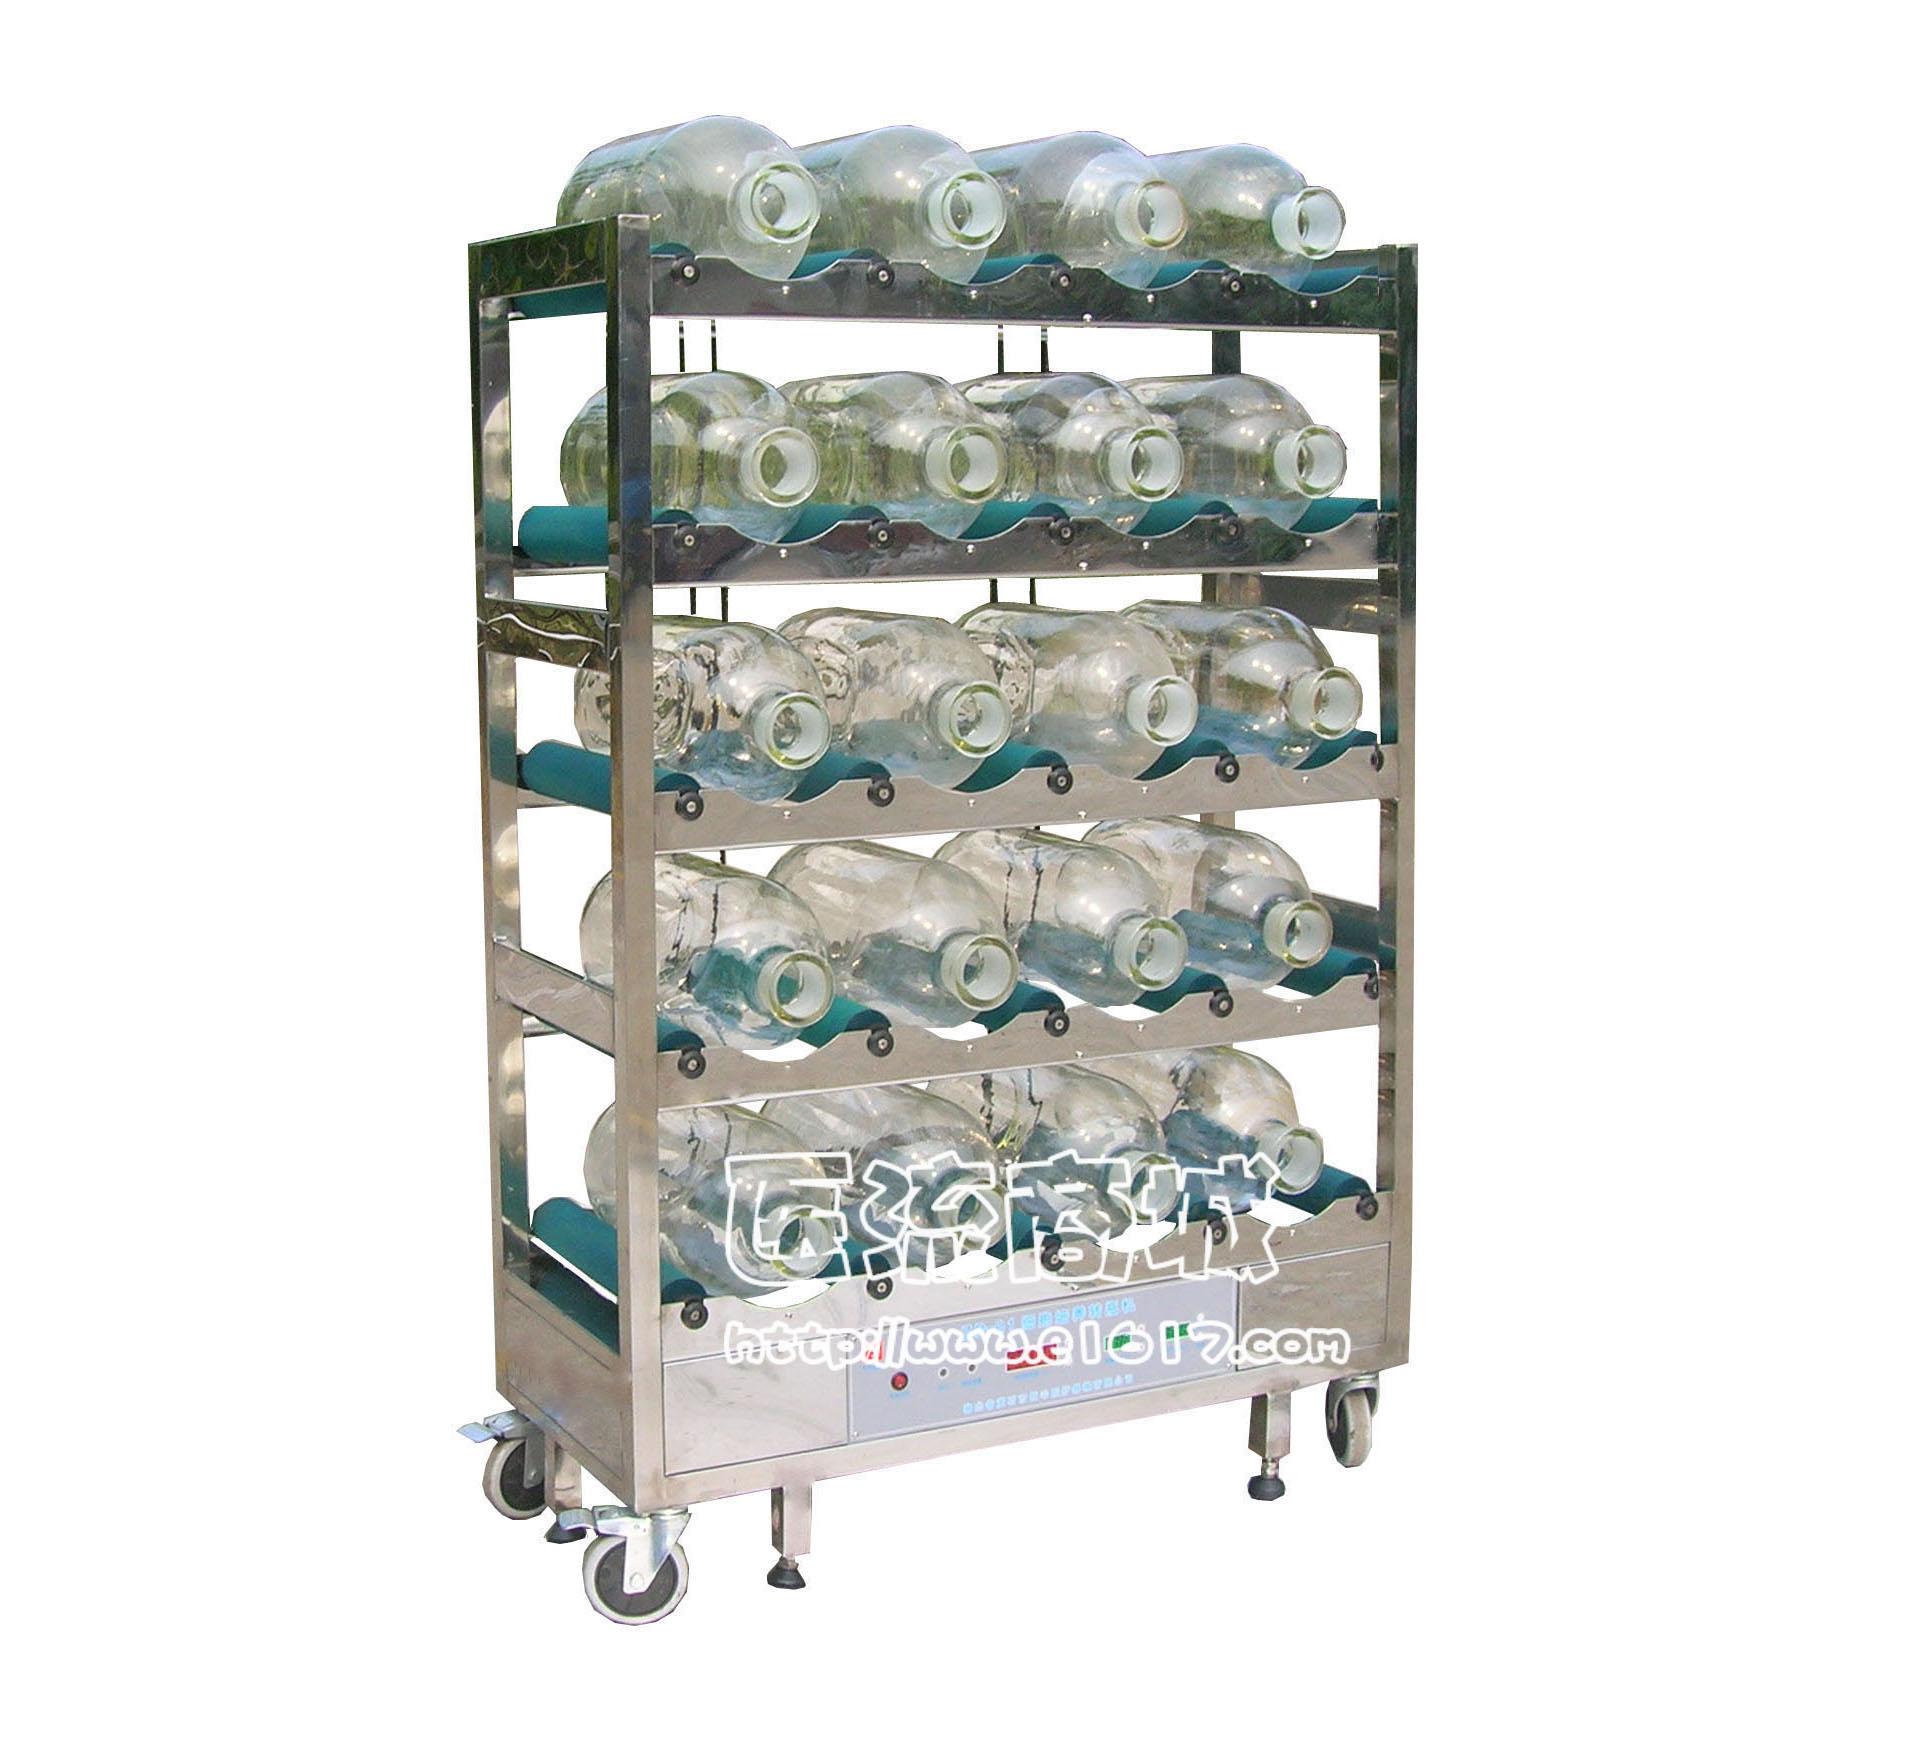 恒丰 ZP-01-24 细胞培养转瓶机 24瓶位